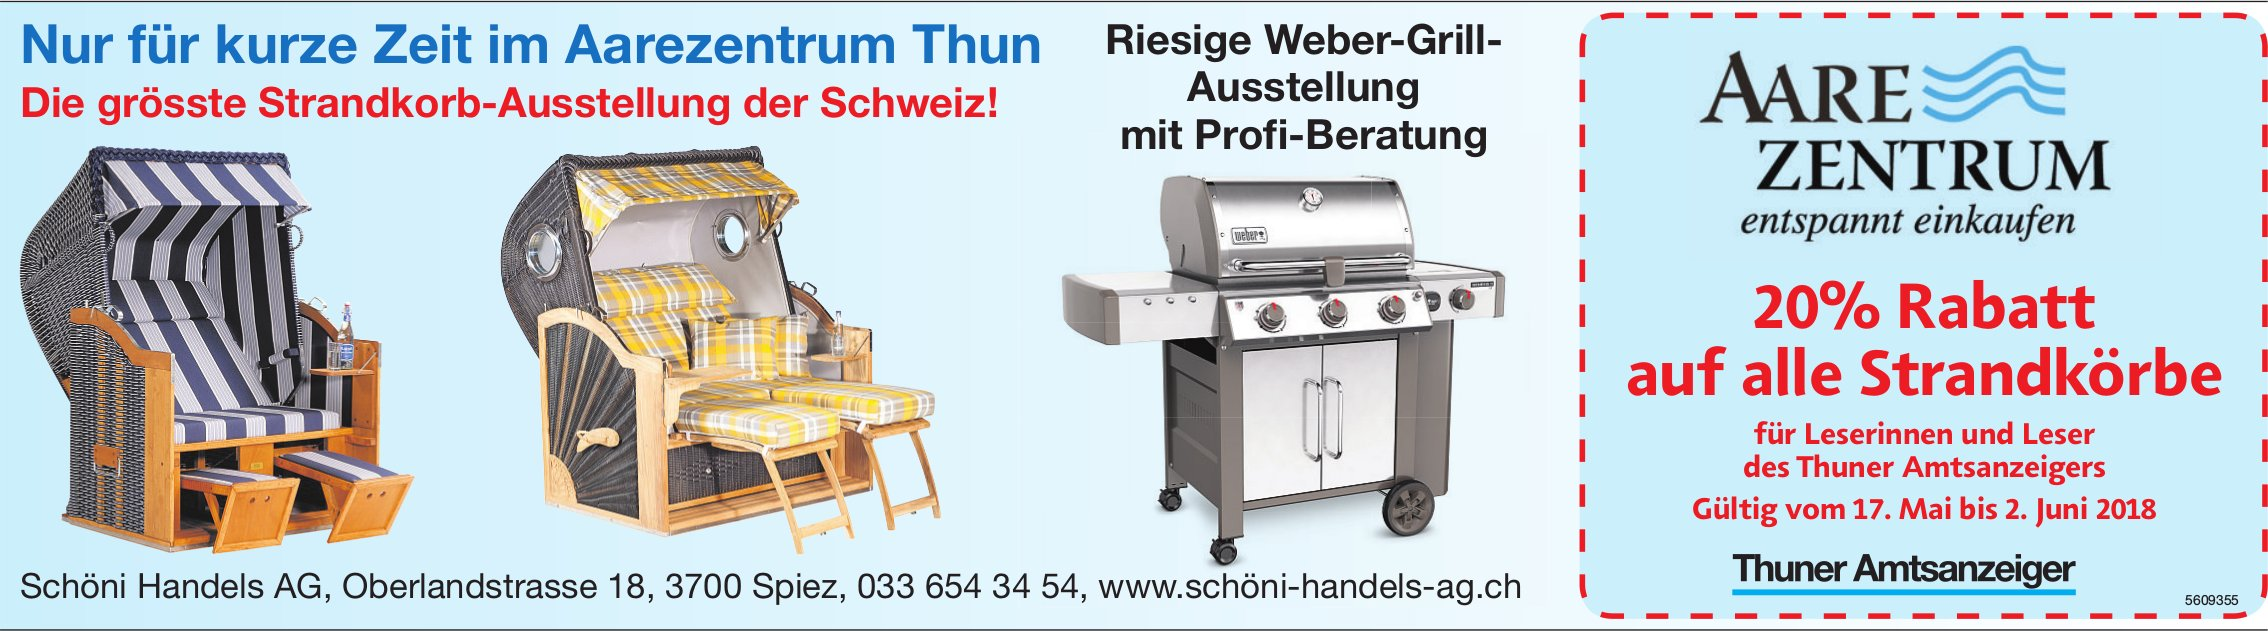 Schöni Handels AG/ Aare Zentrum - Die grösste Strandkorb-Ausstellung der Schweiz! 20% Rabatt